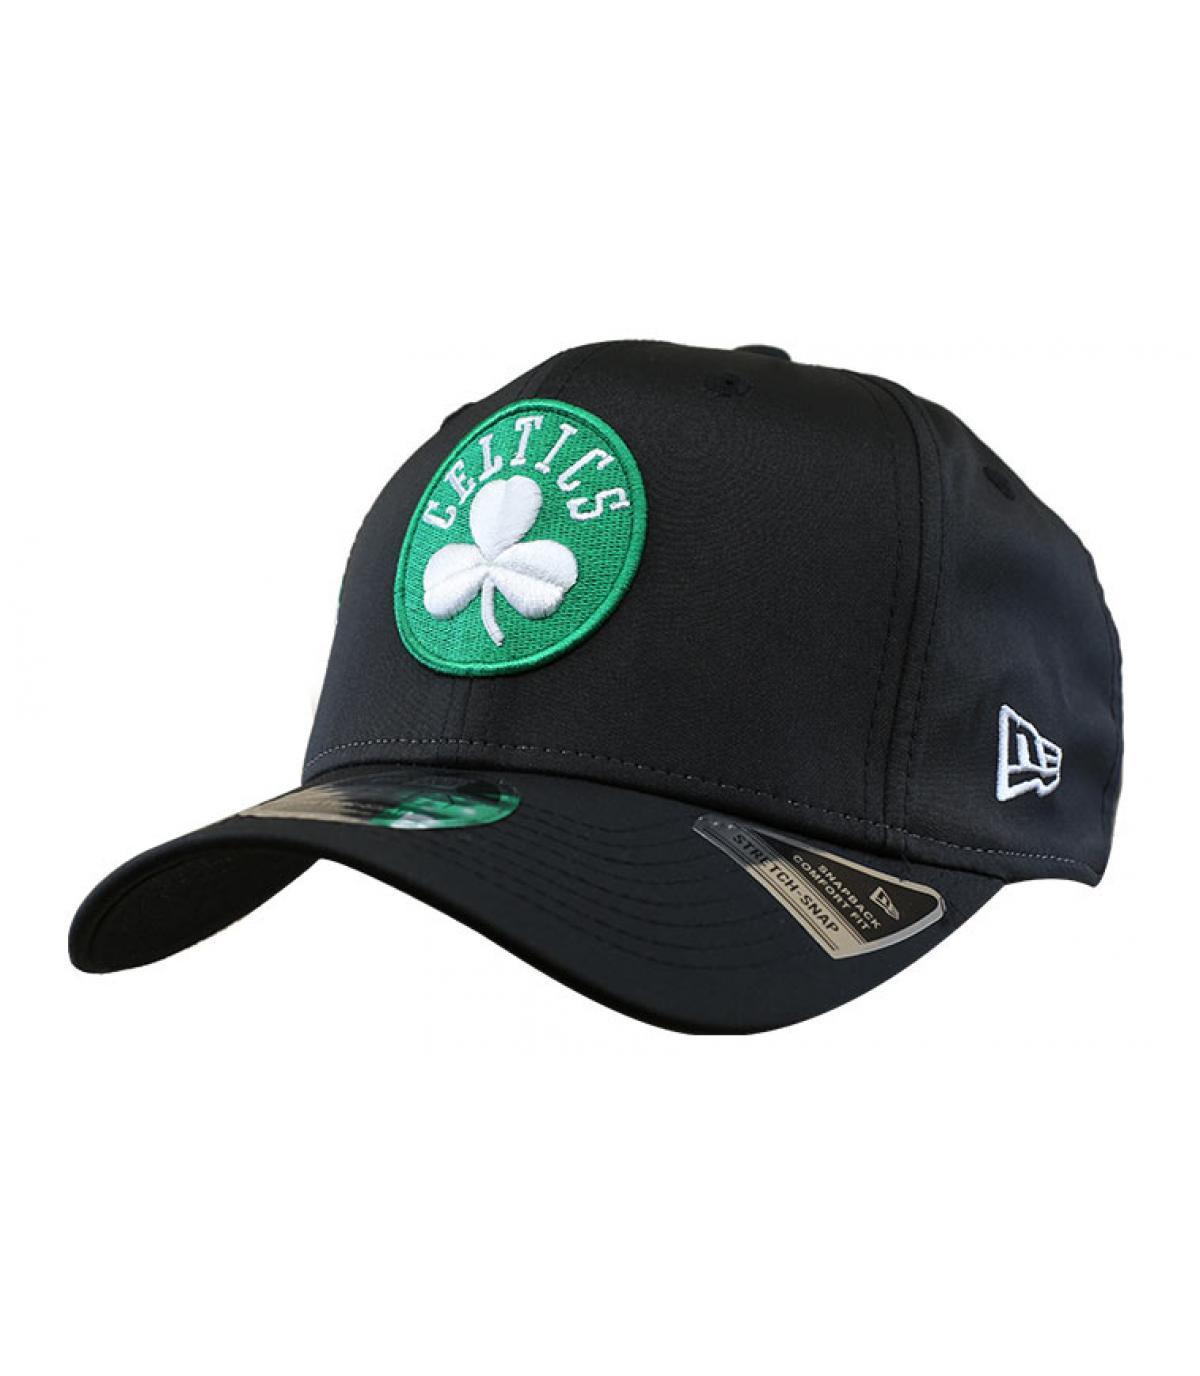 Detalles NBA 950 Stretch Celtics imagen 2